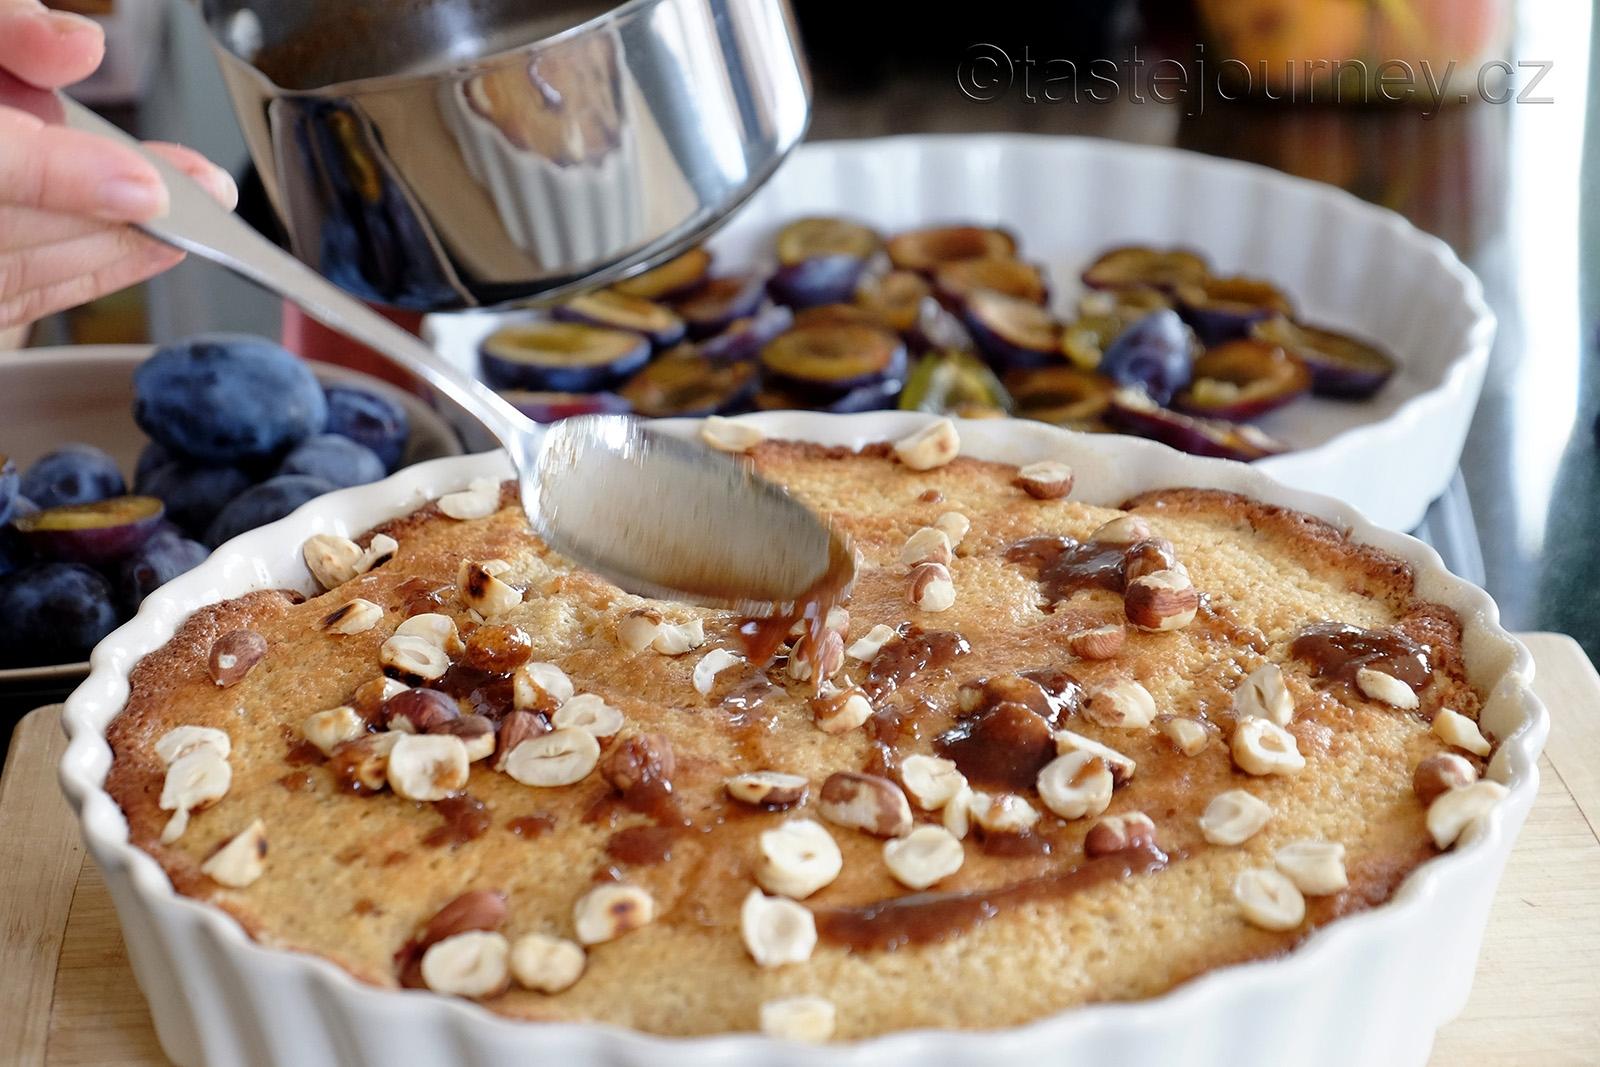 Navrch posypte ořechy a pokapejte máslem se skořicí a cukrem